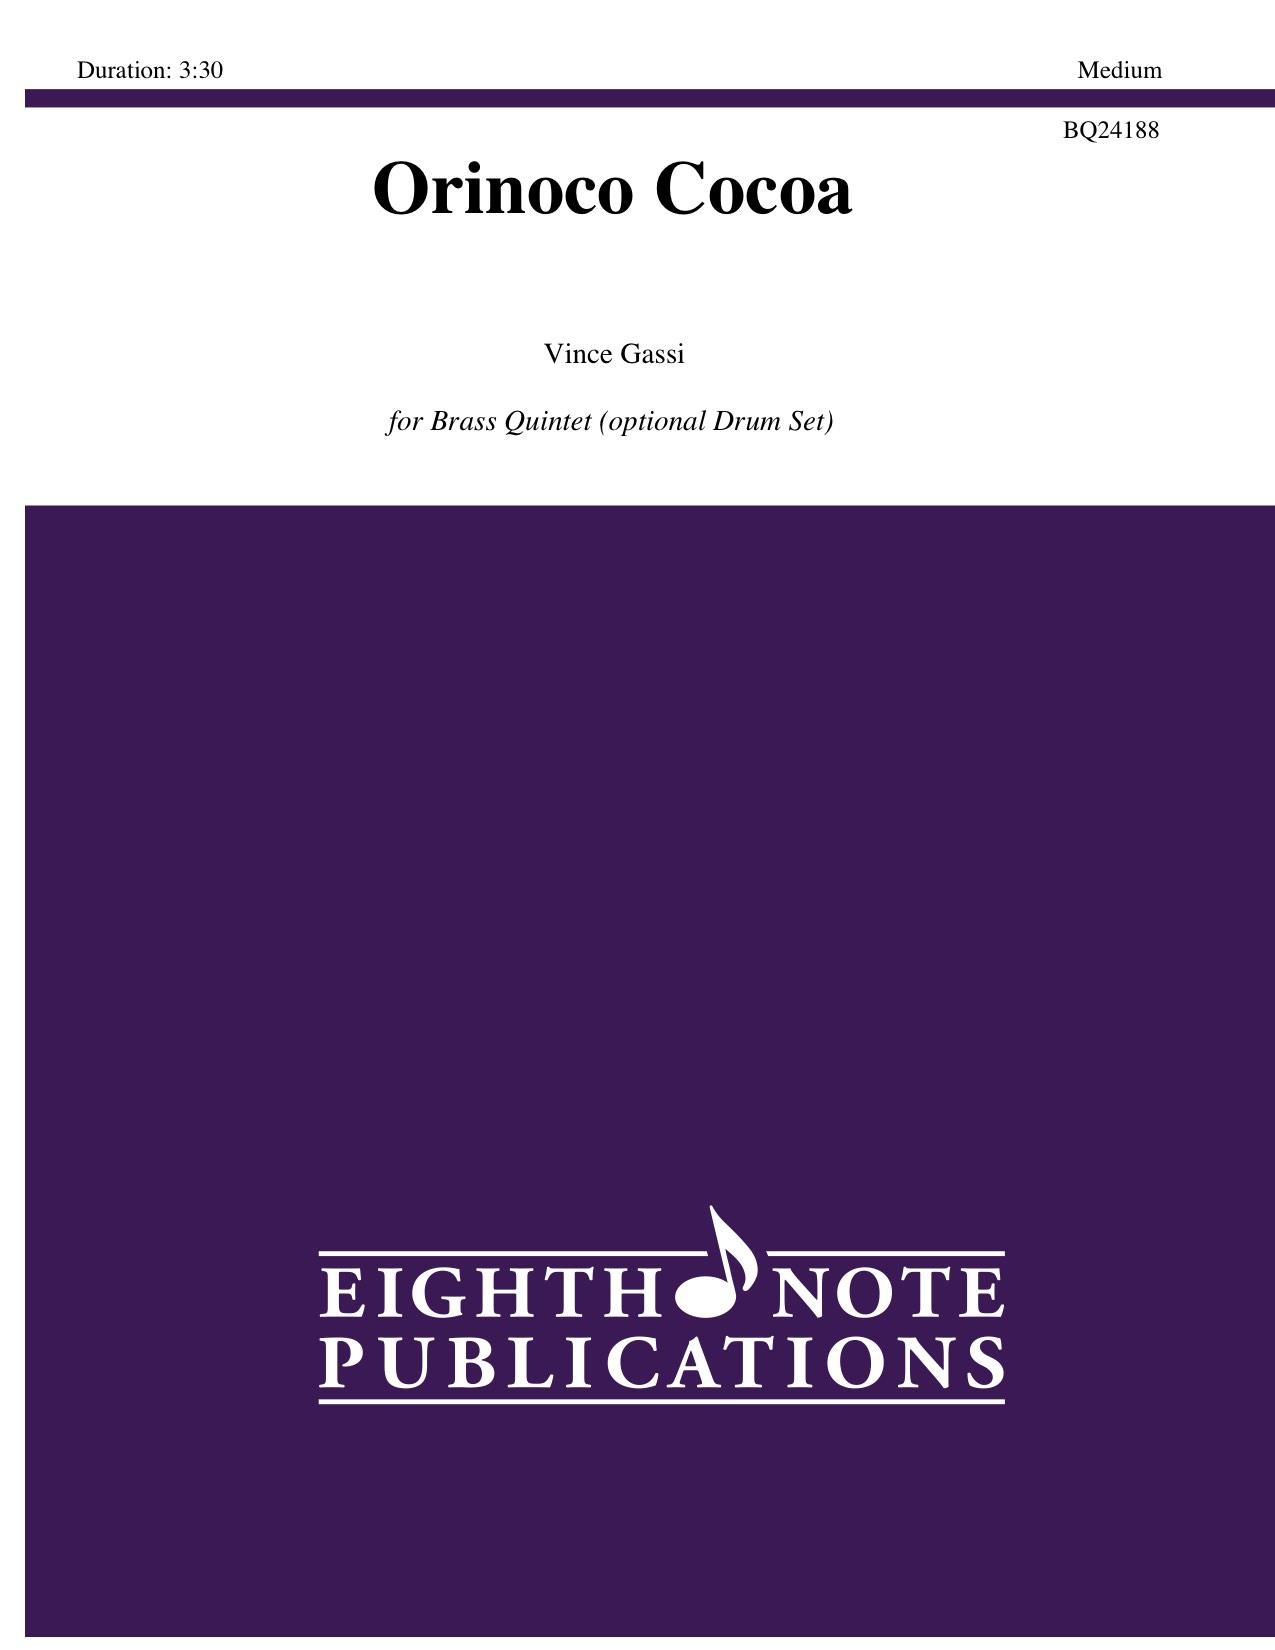 Orinoco Cocoa - Vince Gassi